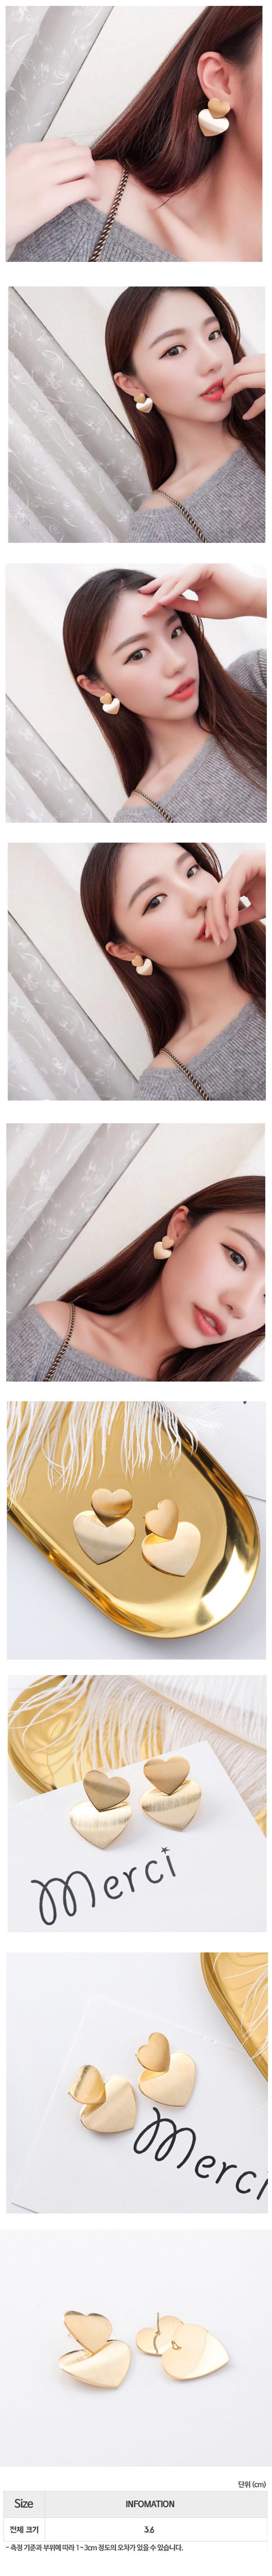 더블 하트 팬던트 귀걸이